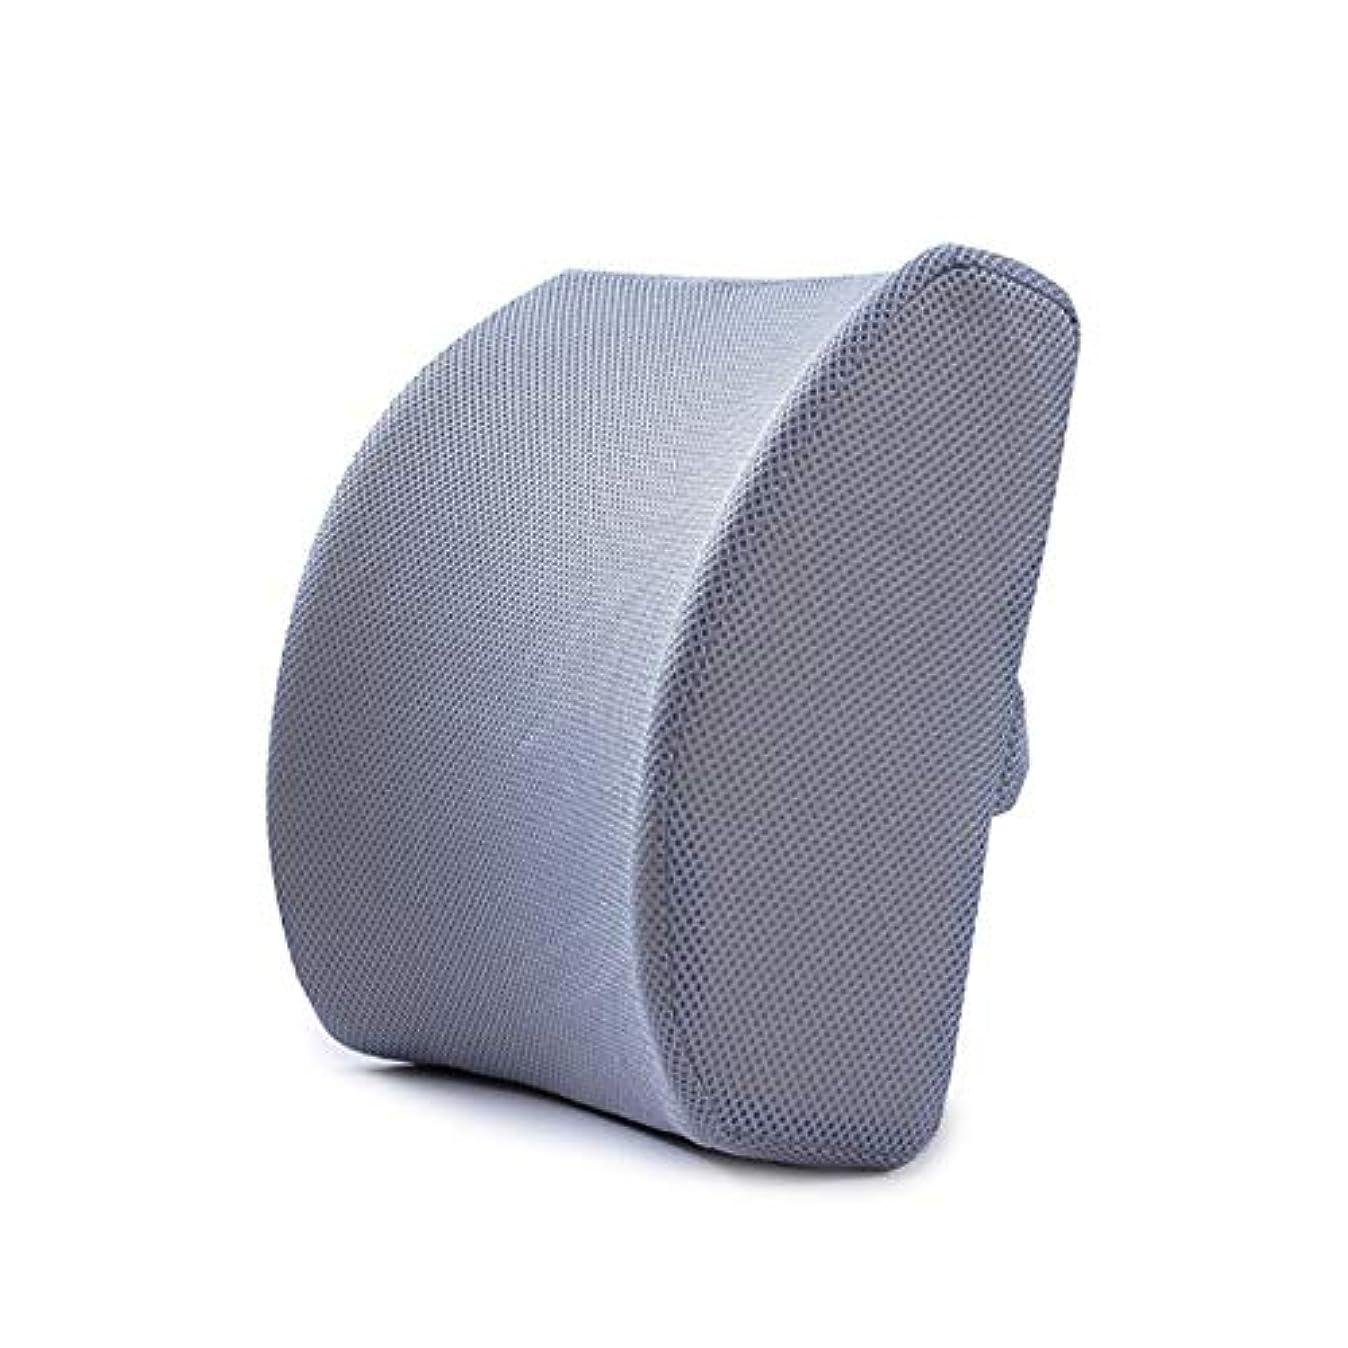 愛国的な快適ウォルターカニンガムLIFE ホームオフィス背もたれ椅子腰椎クッションカーシートネック枕 3D 低反発サポートバックマッサージウエストレスリビング枕 クッション 椅子